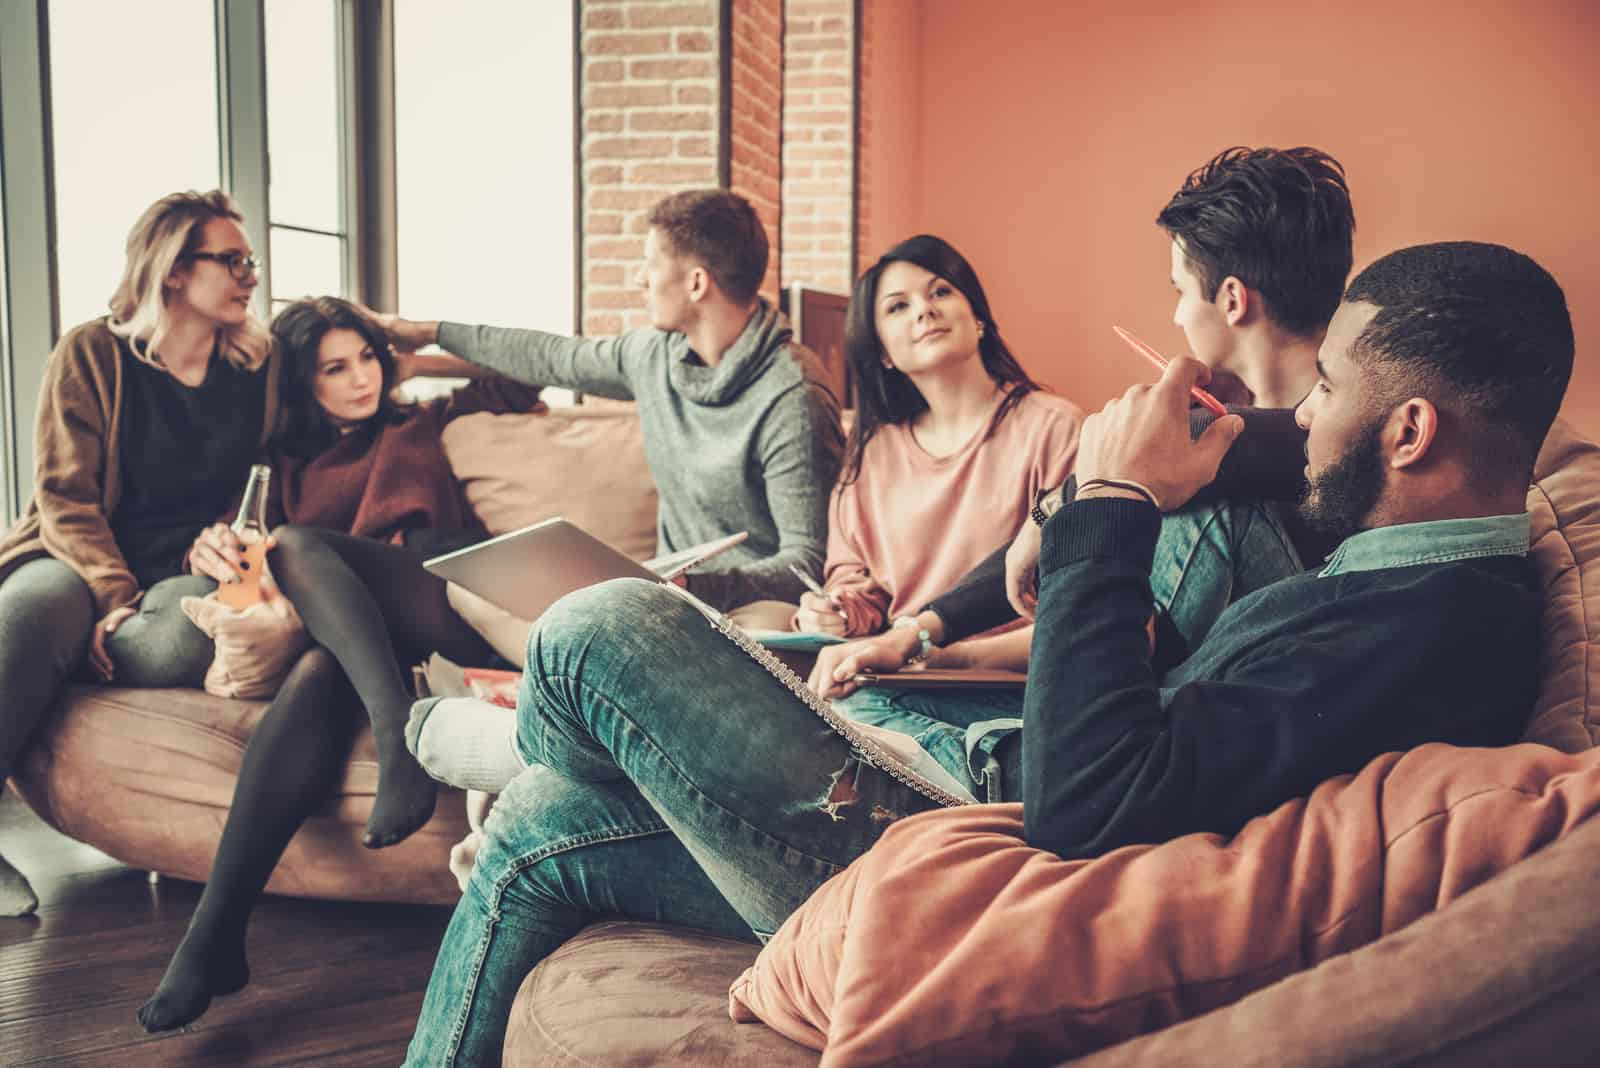 un groupe d'amis est assis sur le canapé de la maison et parle